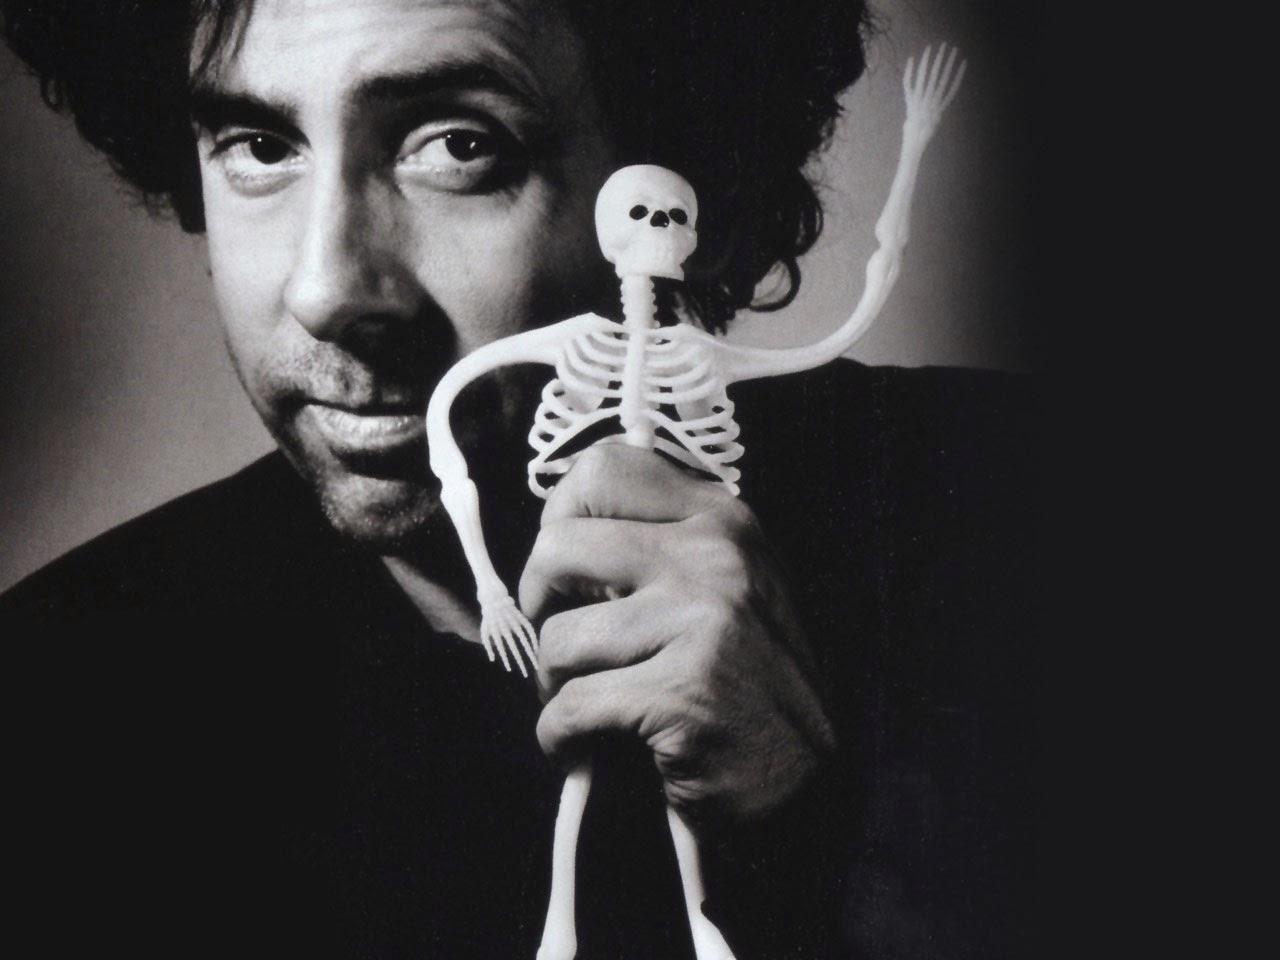 Especial directores: Tim Burton y su universo. | Los Lunes Seriéfilos